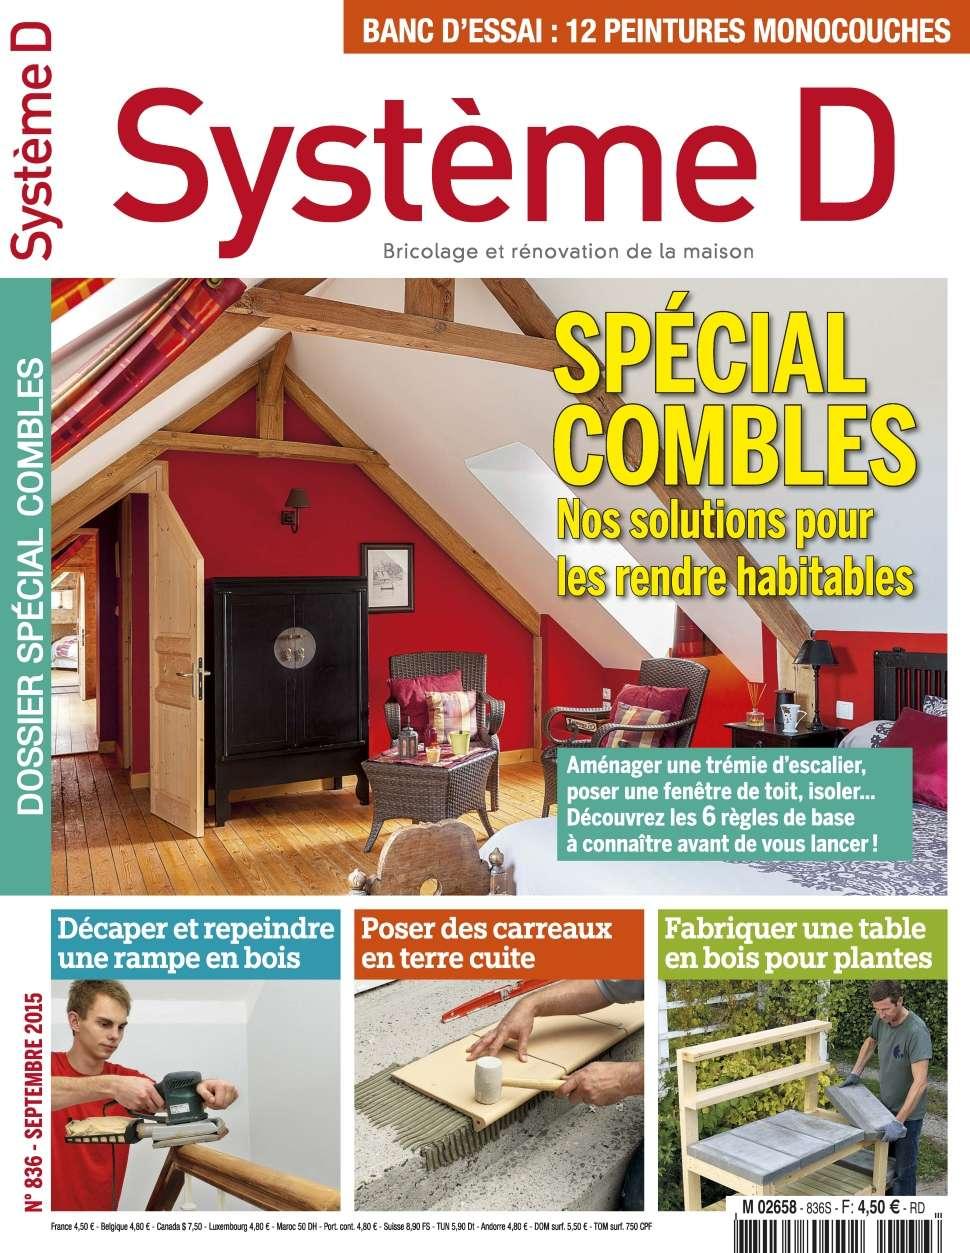 Système D 836 - Septembre 2015